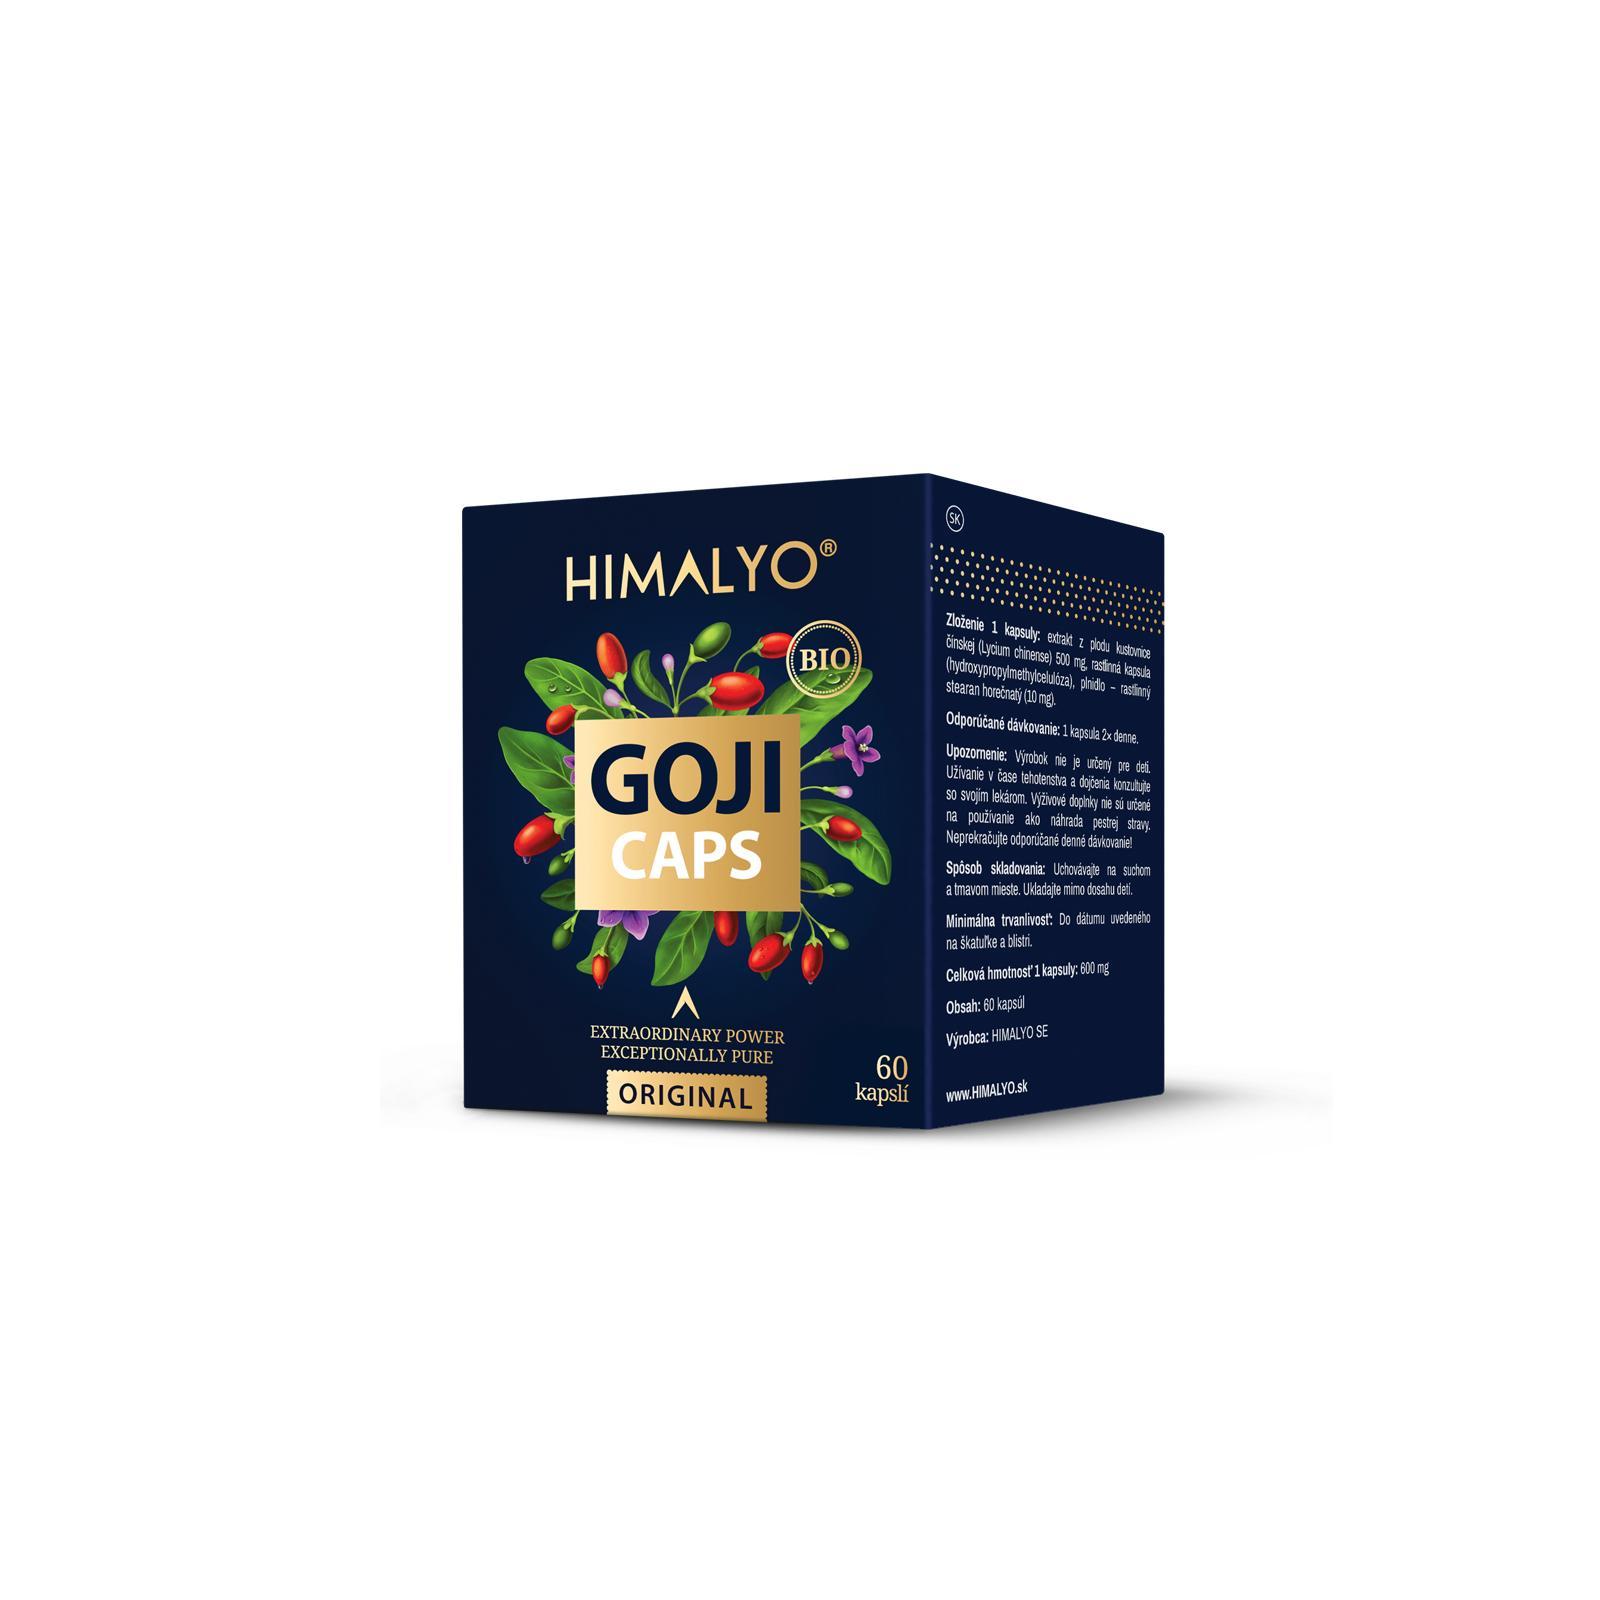 Himalyo Goji, BIO 60 kapslí